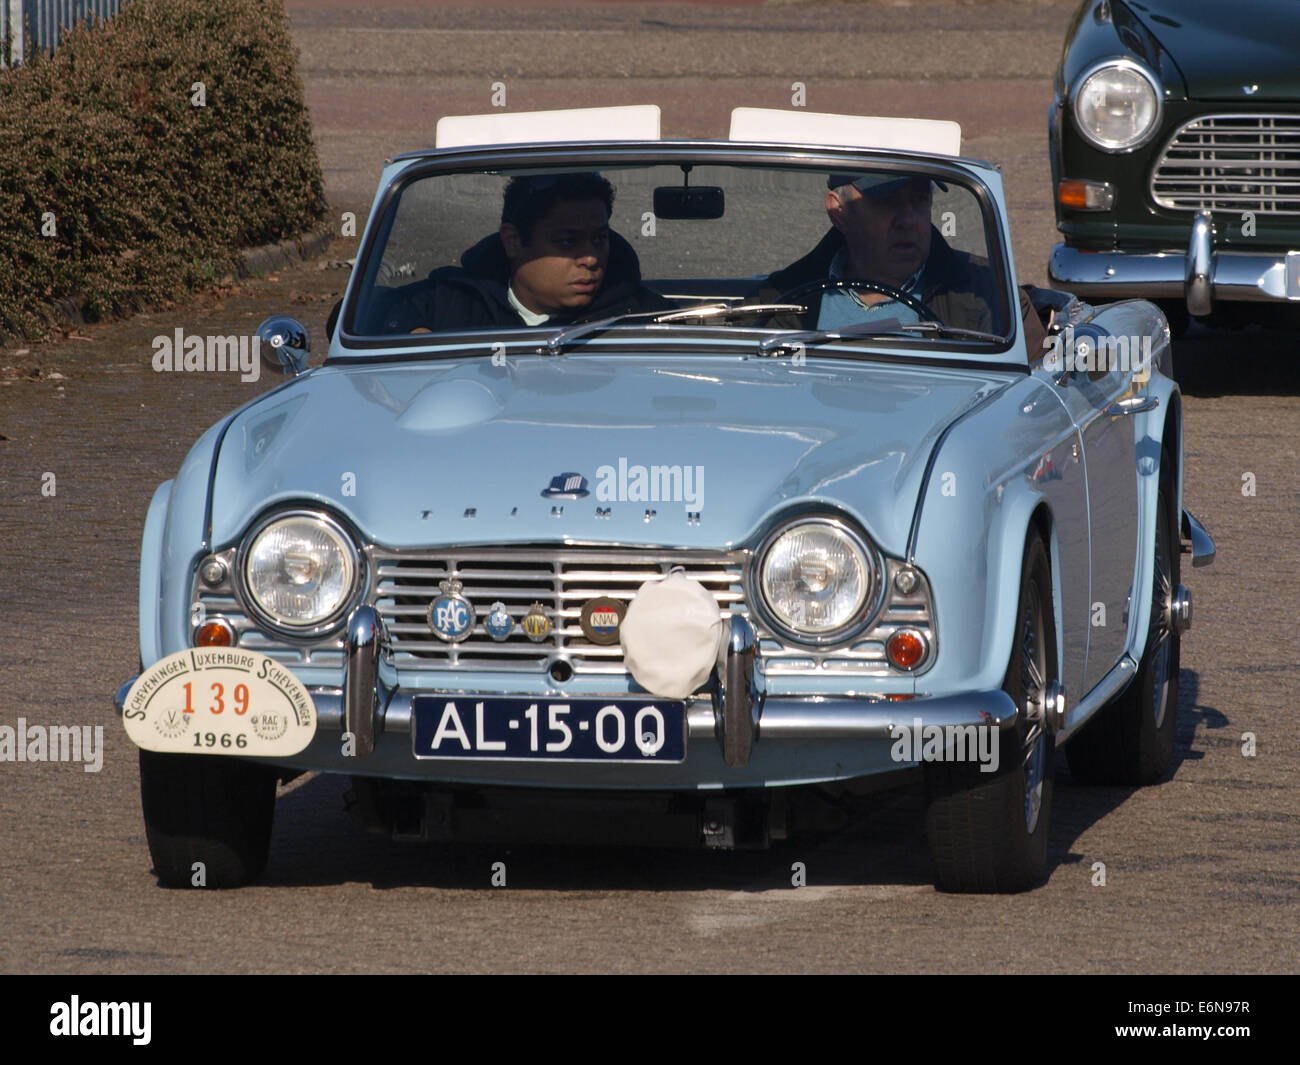 Triumph TR-4 Cabrio (1963), Dutch licence AL-15-00, pic2 - Stock Image